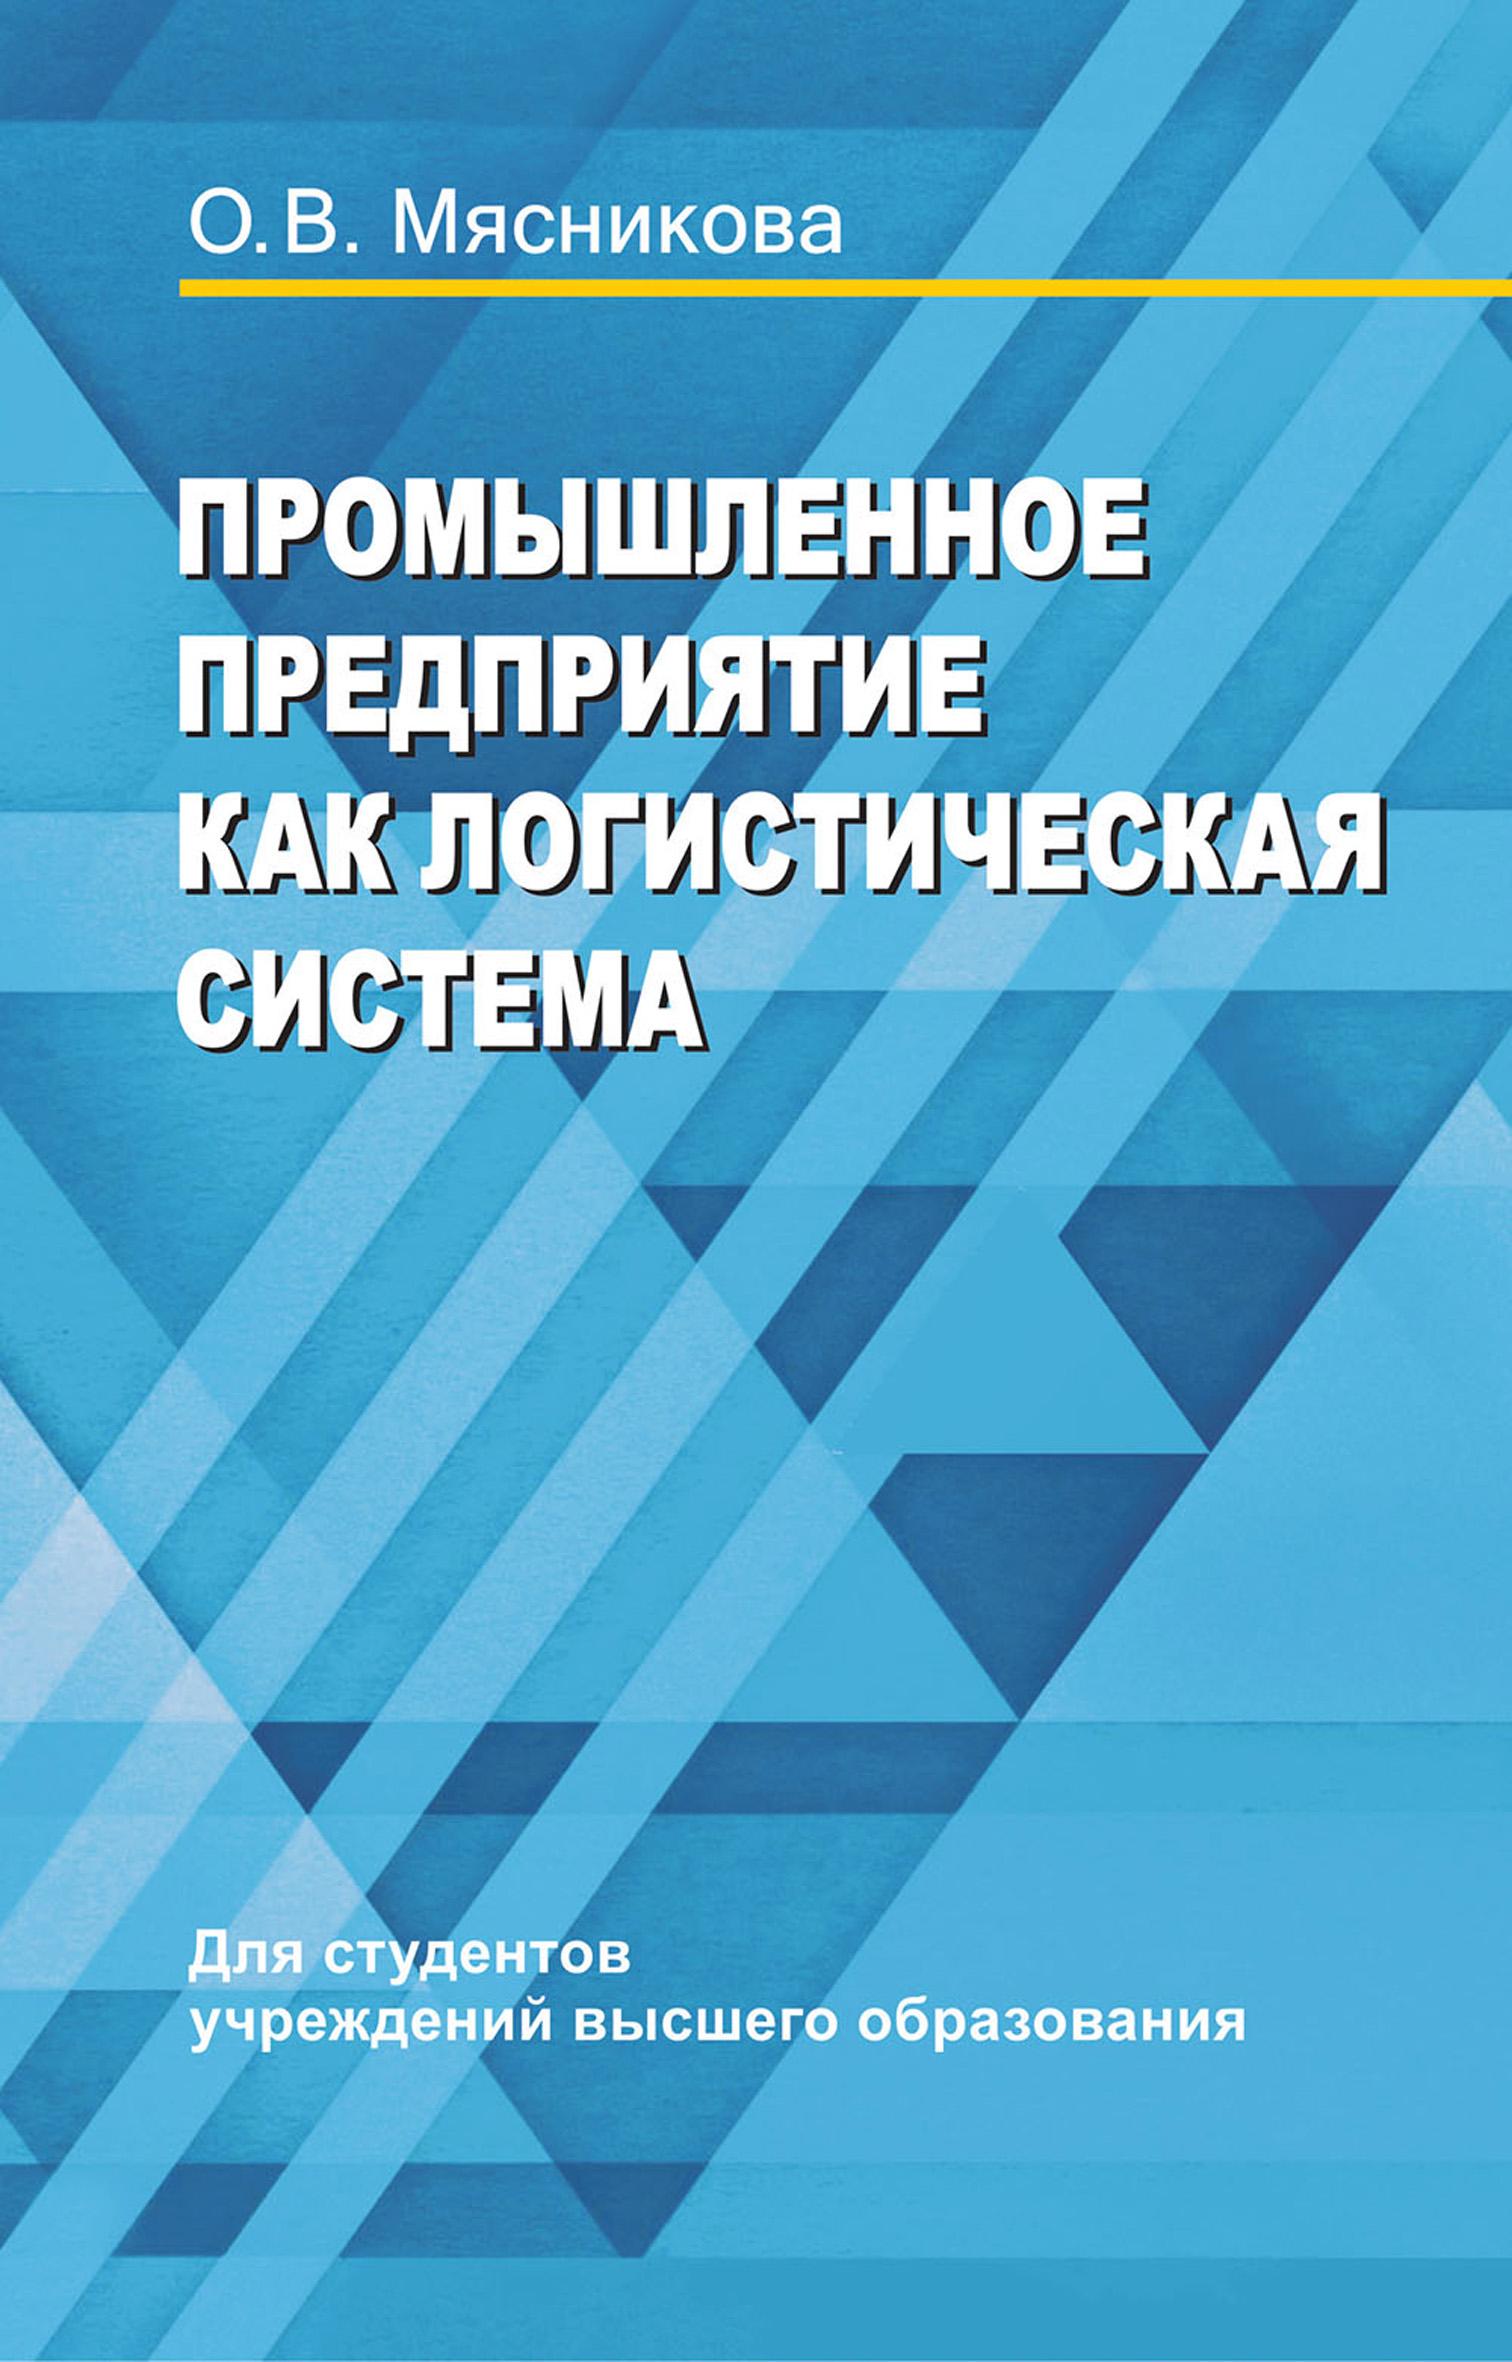 О. В. Мясникова Промышленное предприятие как логистическая система